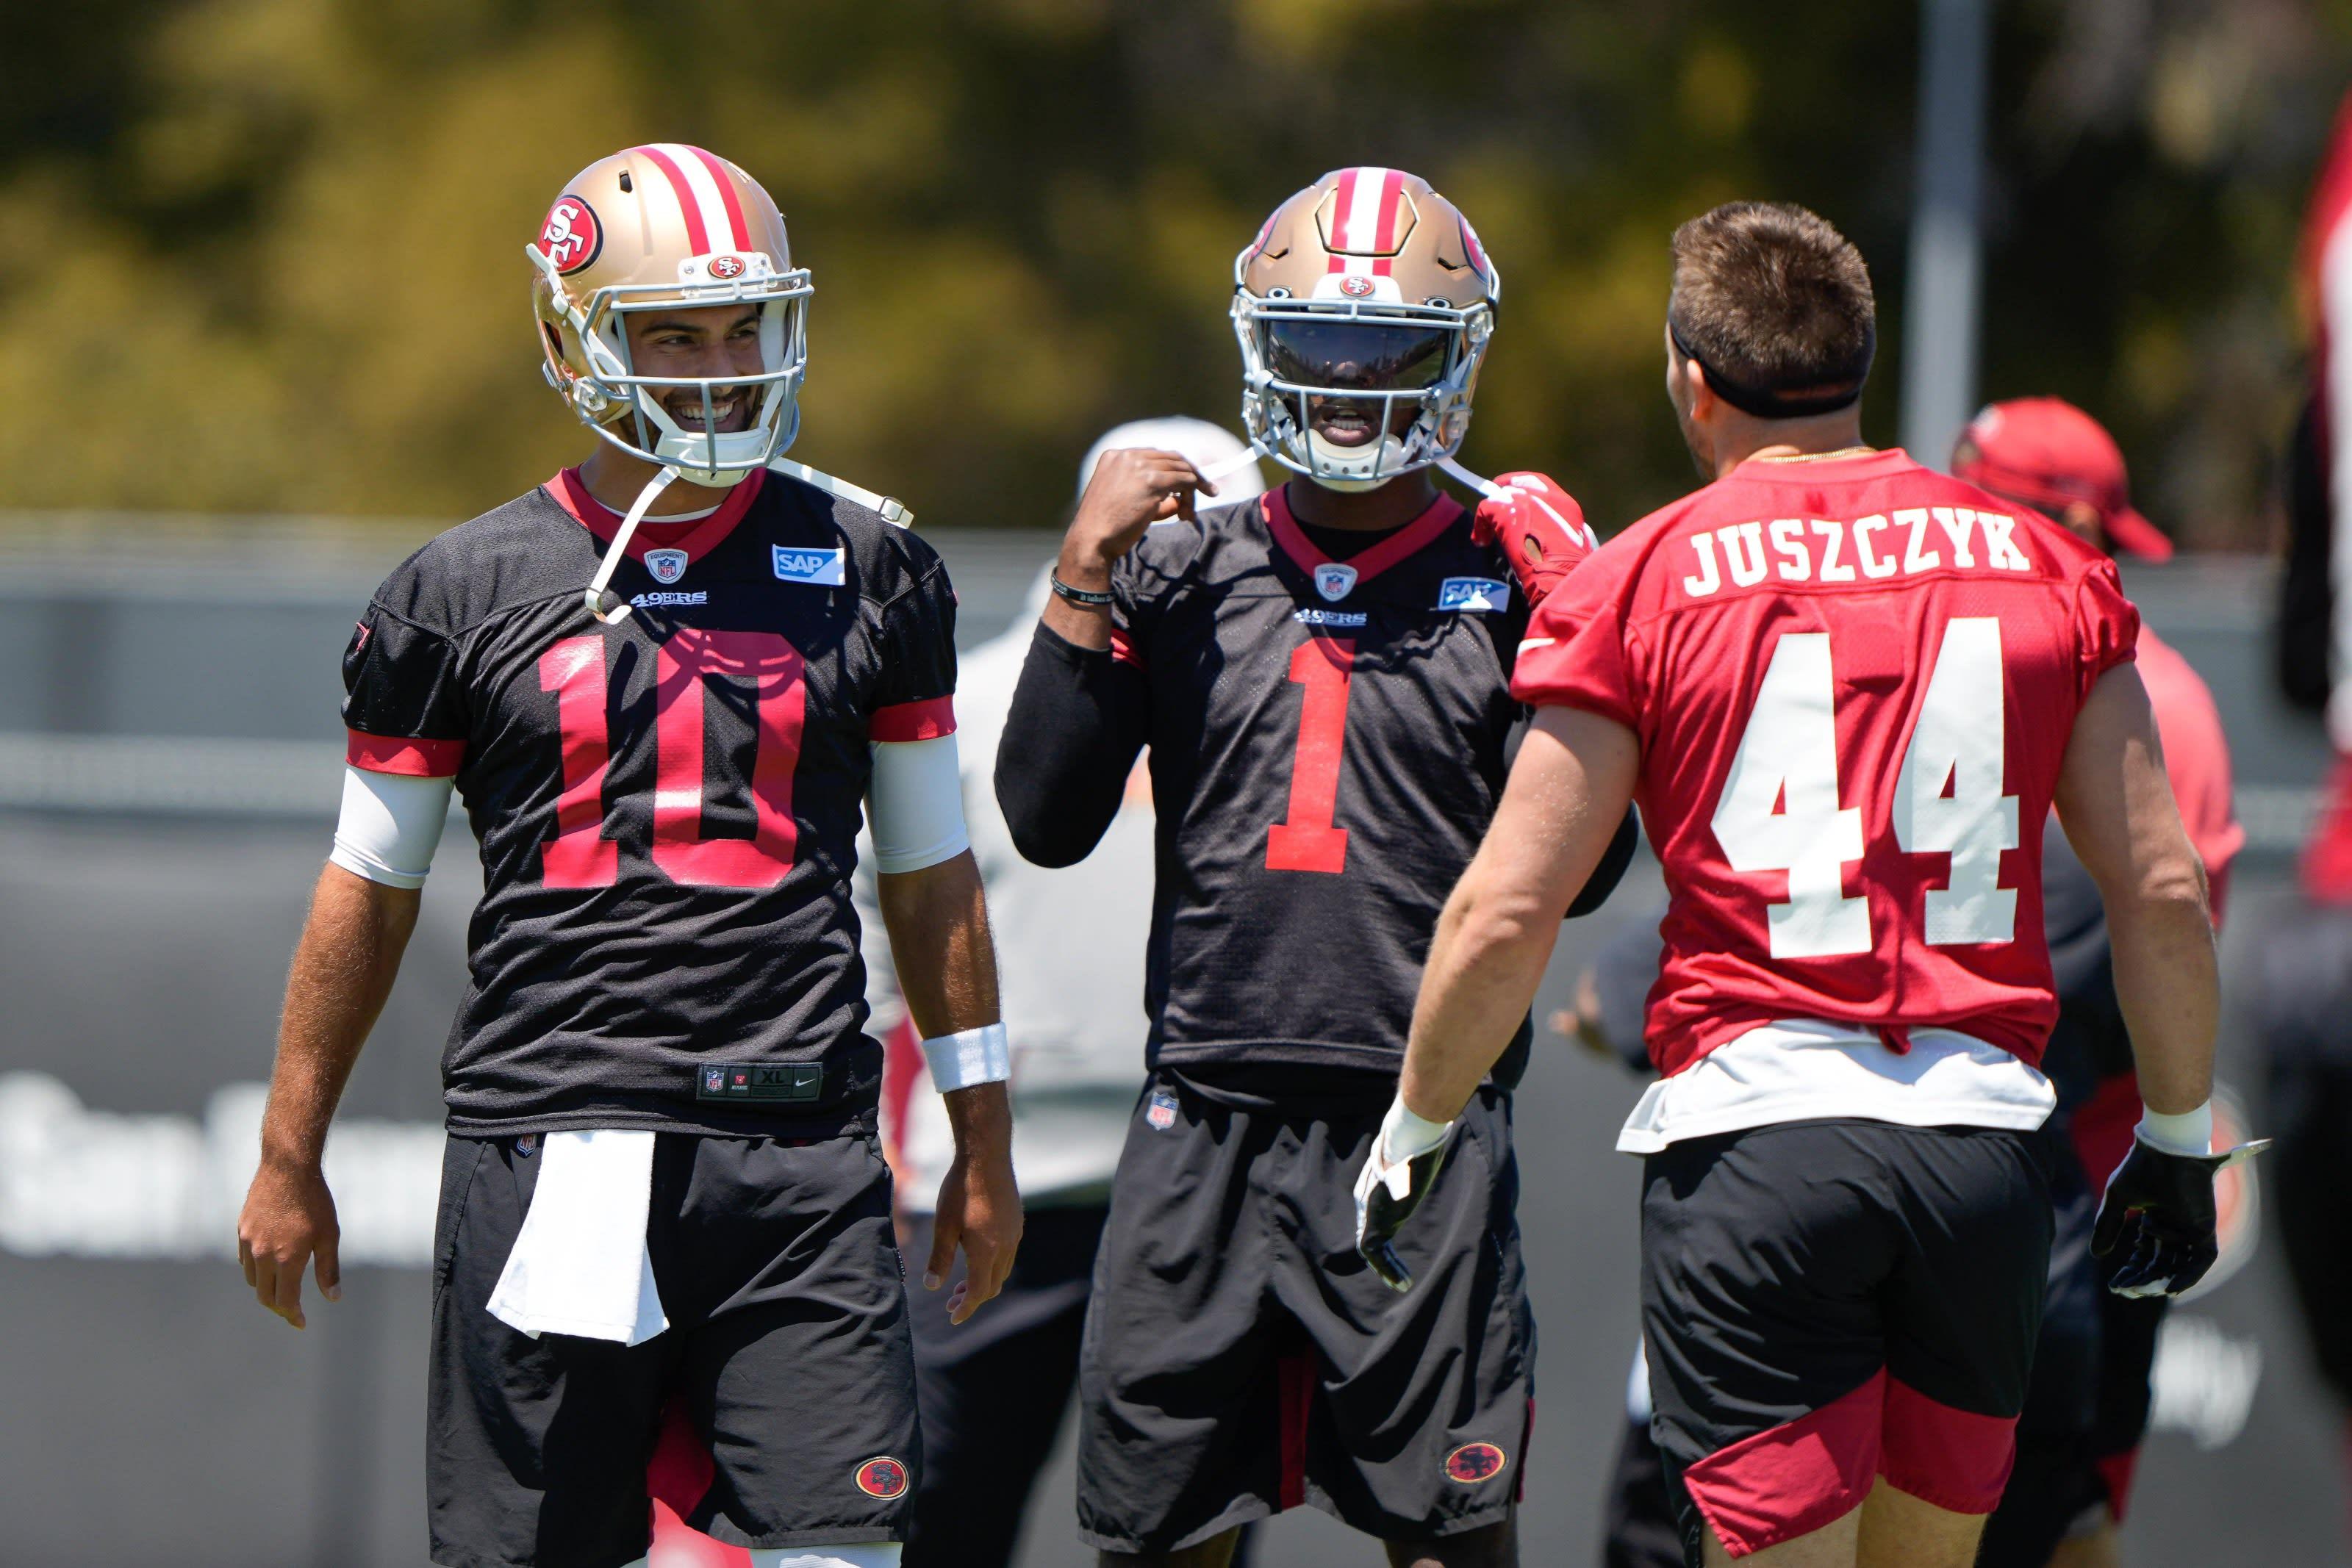 Jimmy Garoppolo, Kyle Juszczyk, San Francisco 49ers